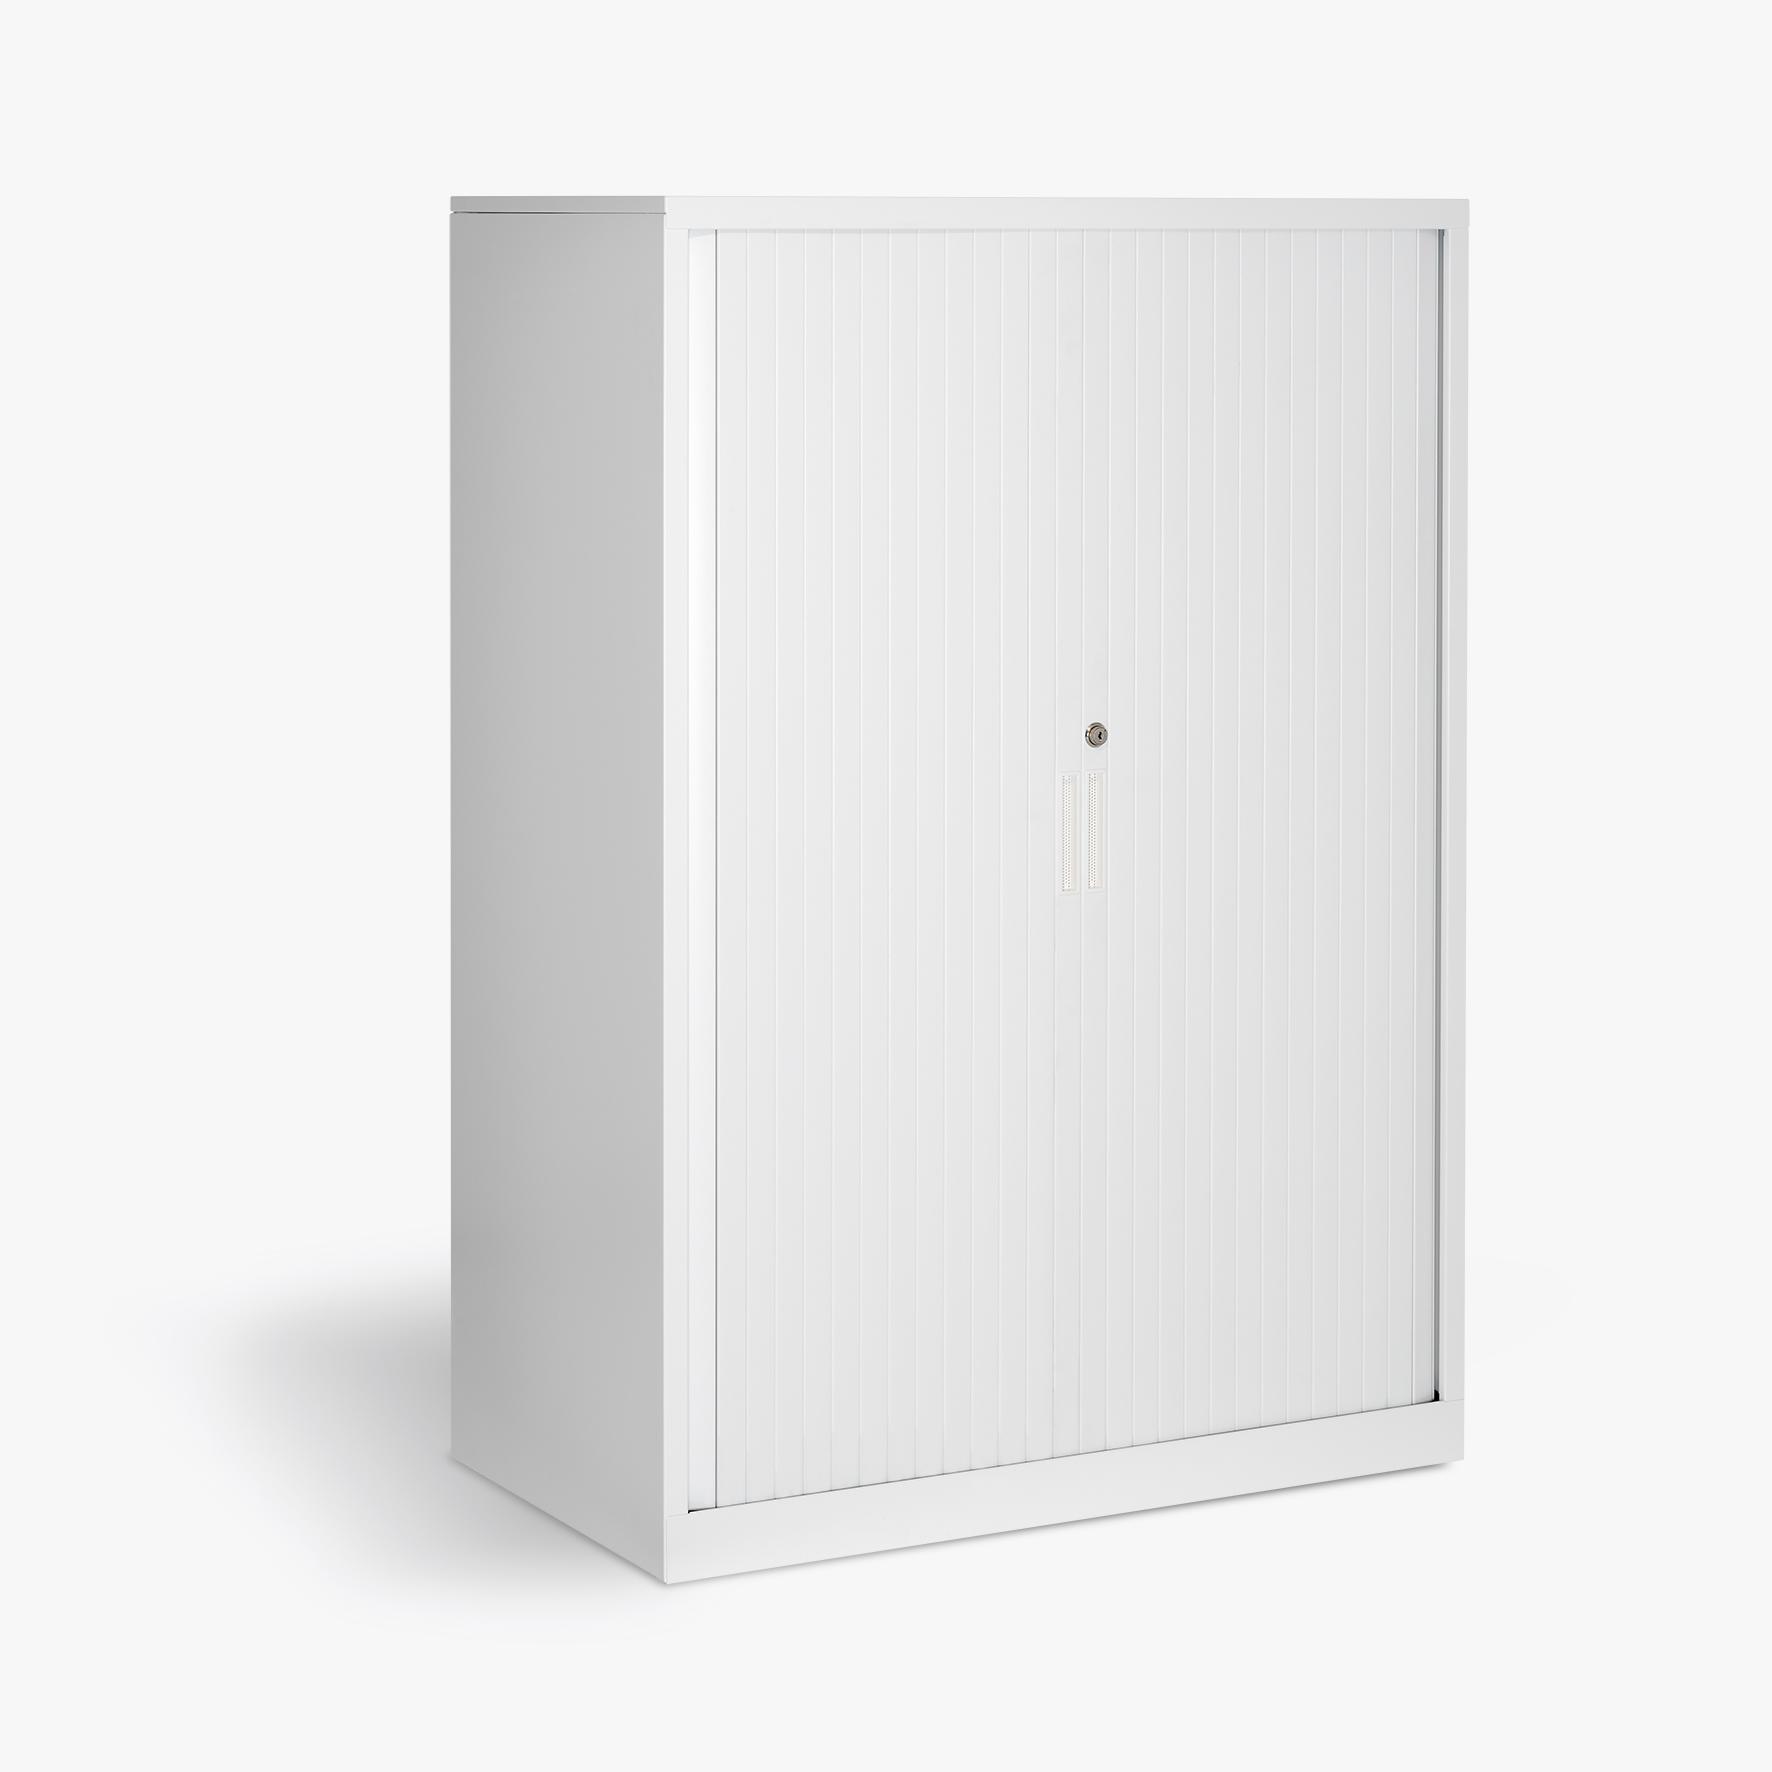 S-Series SM Tambour Door Cabinet PP by Planex